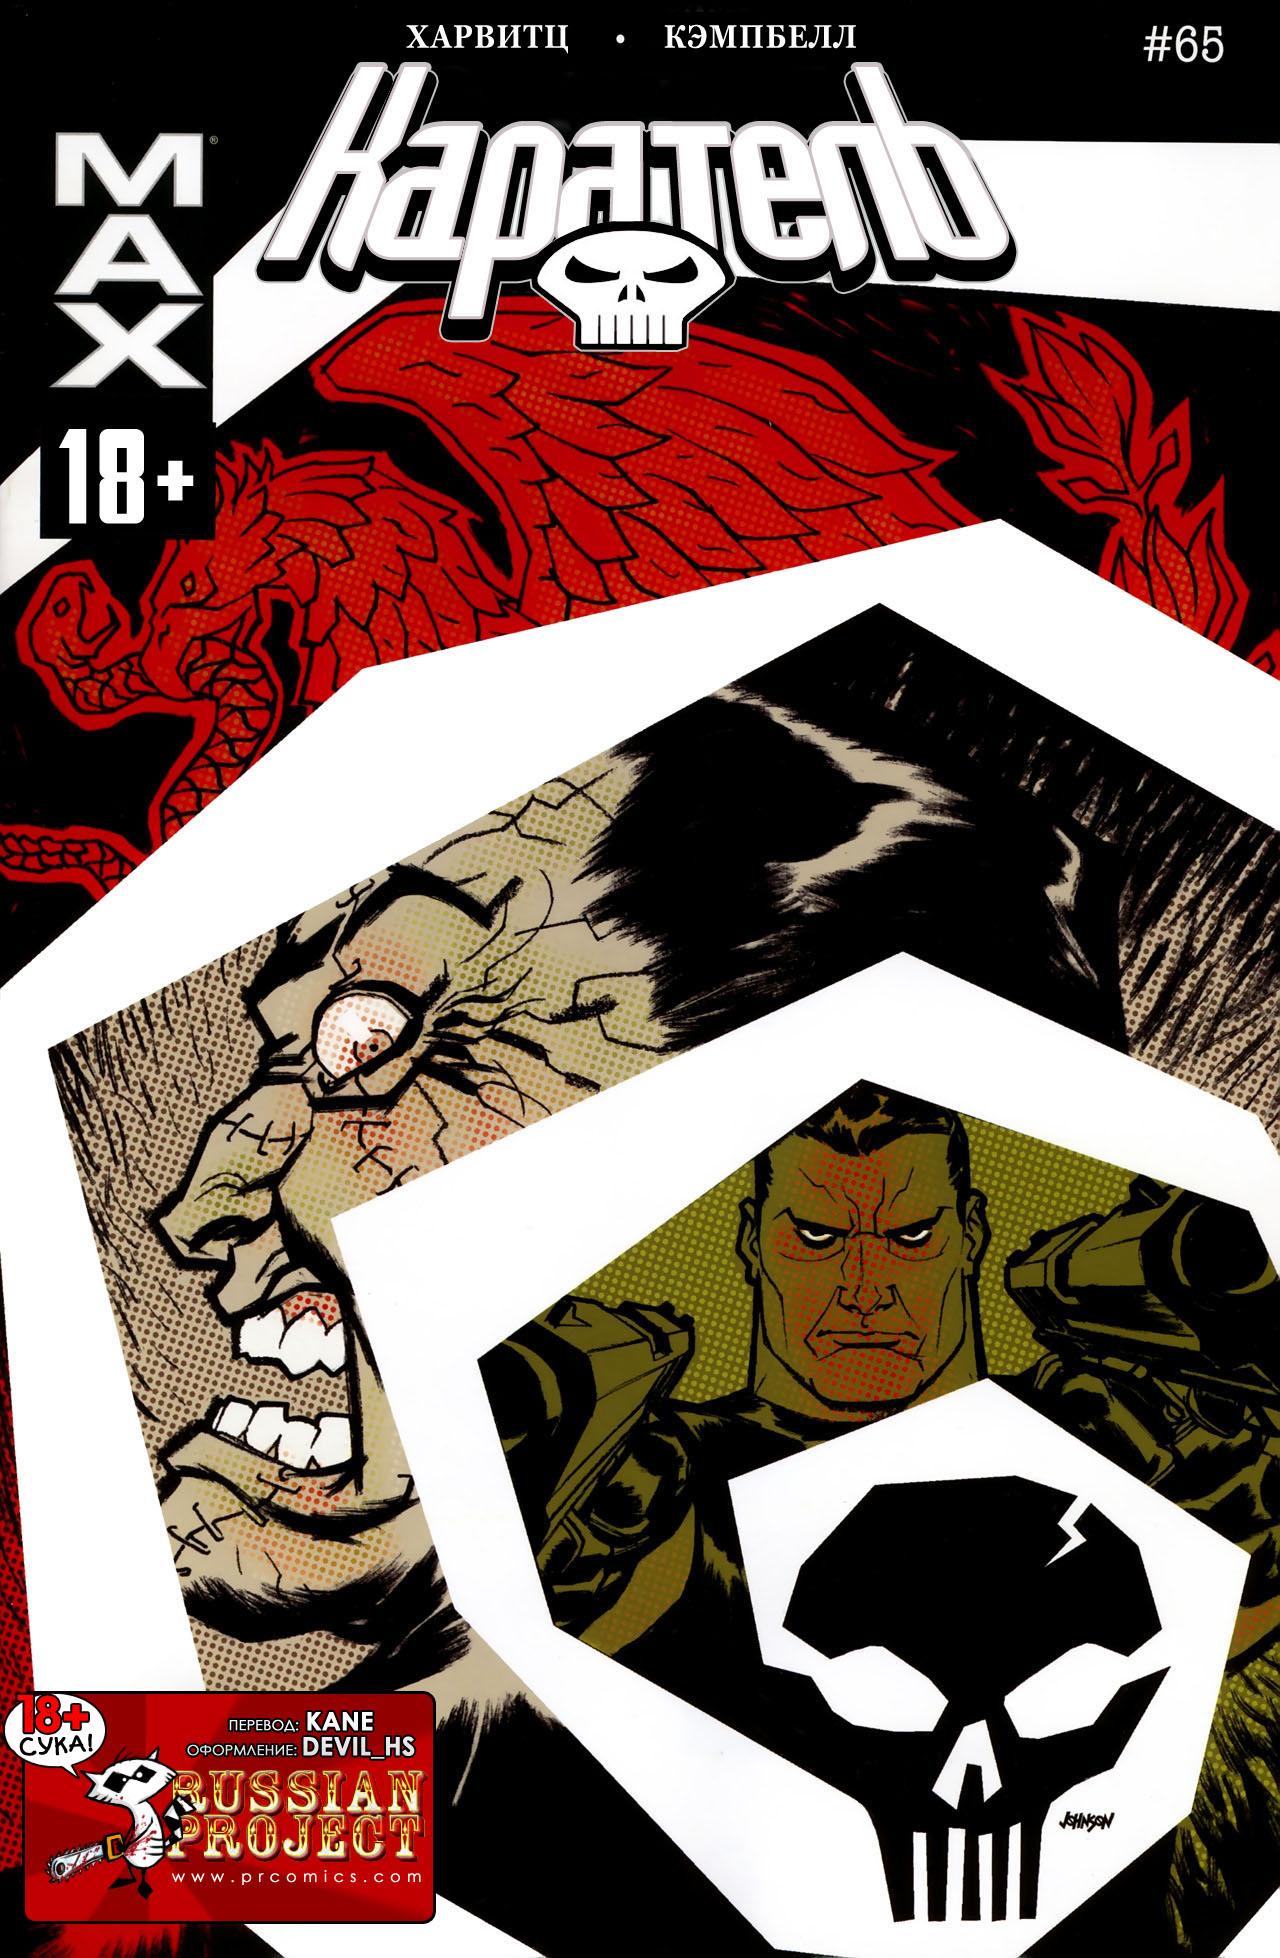 Комиксы Онлайн - Каратель том 6 - # 65 Девушки в белых платьях - часть пятая - Страница №1 - Punisher vol 6 - Punisher v 6 # 65